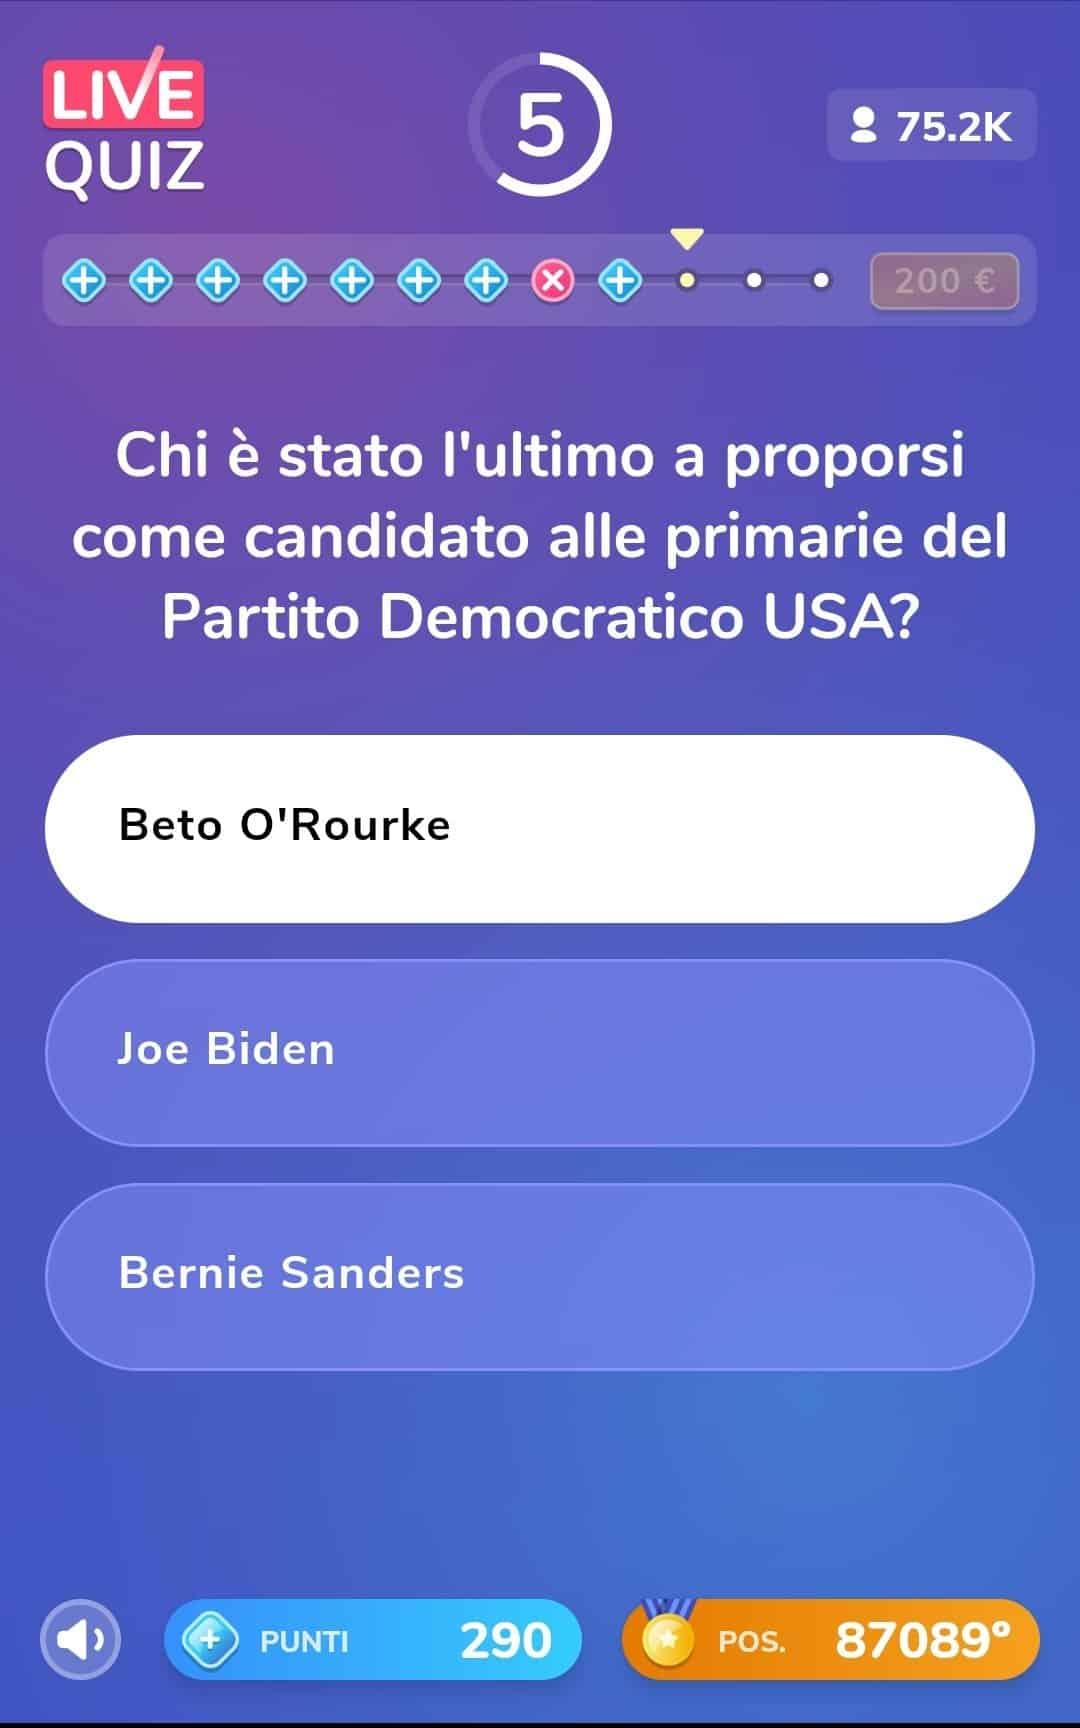 Live Quiz, l'applicazione di quiz e premi in denaro